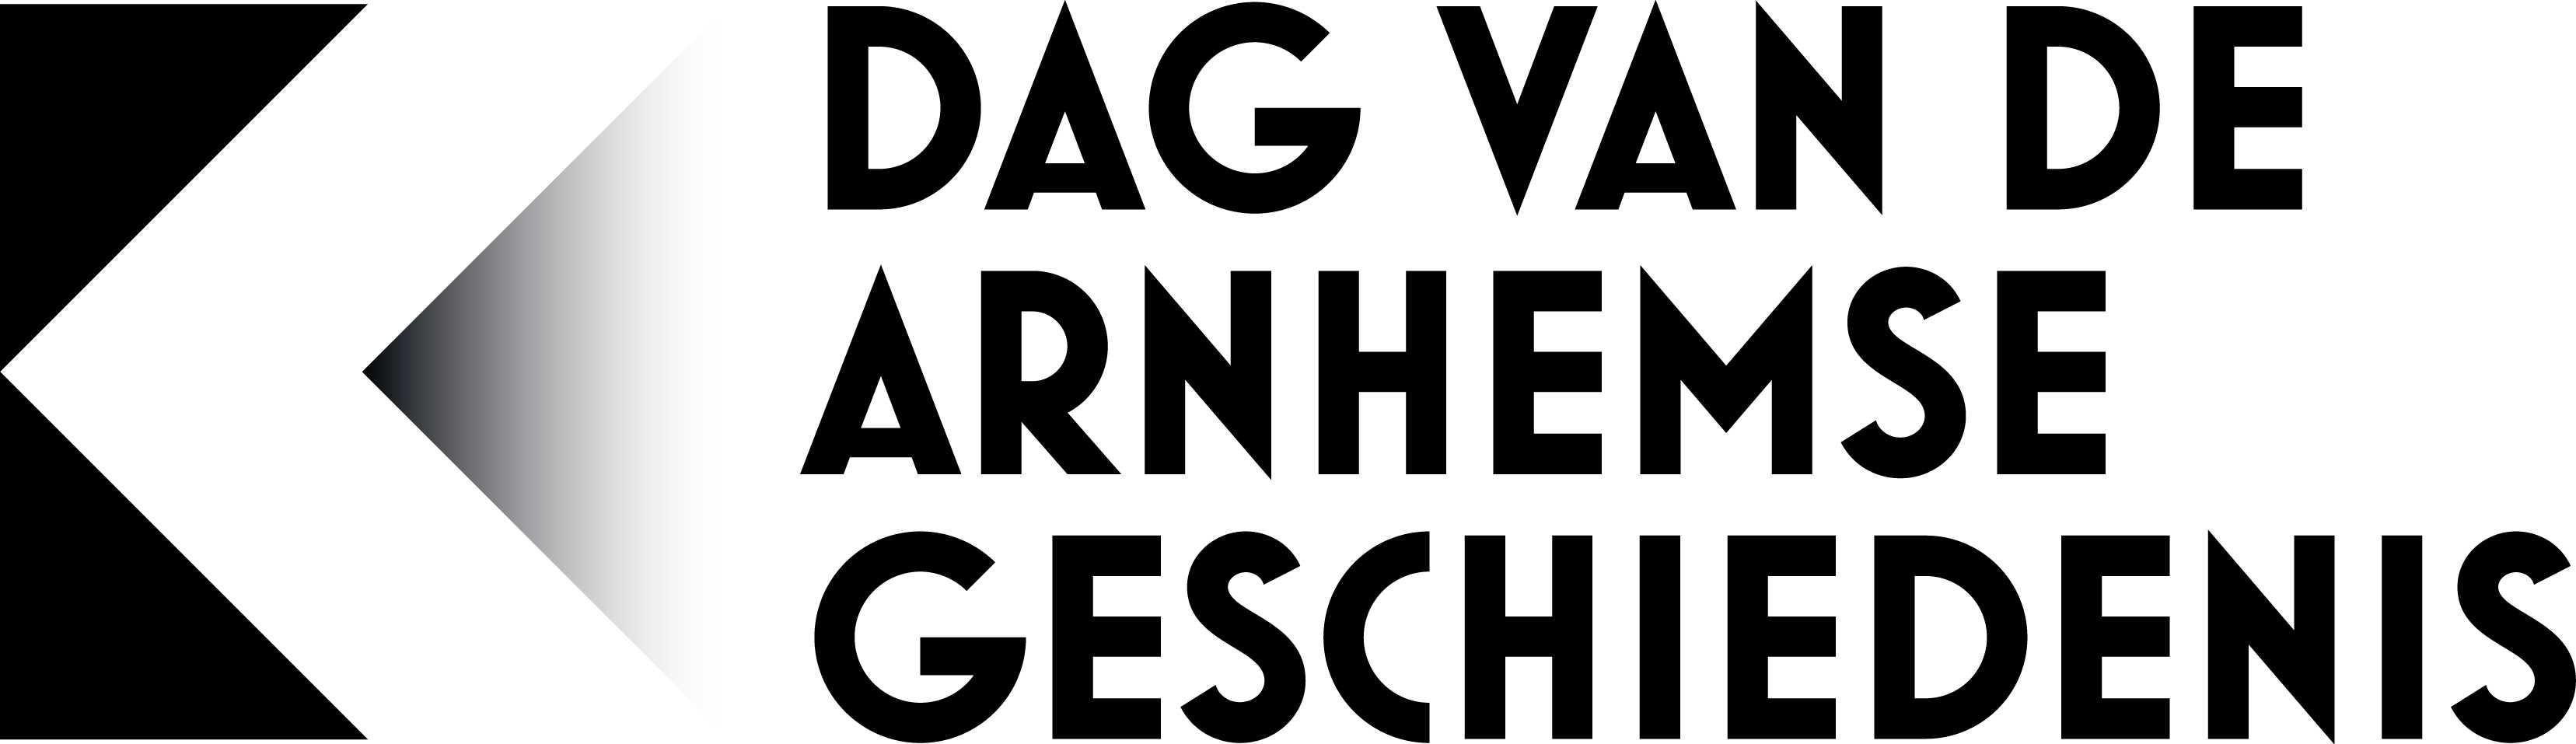 dag_van_de_anrhemse_geschiedenis_logo_zw_pos